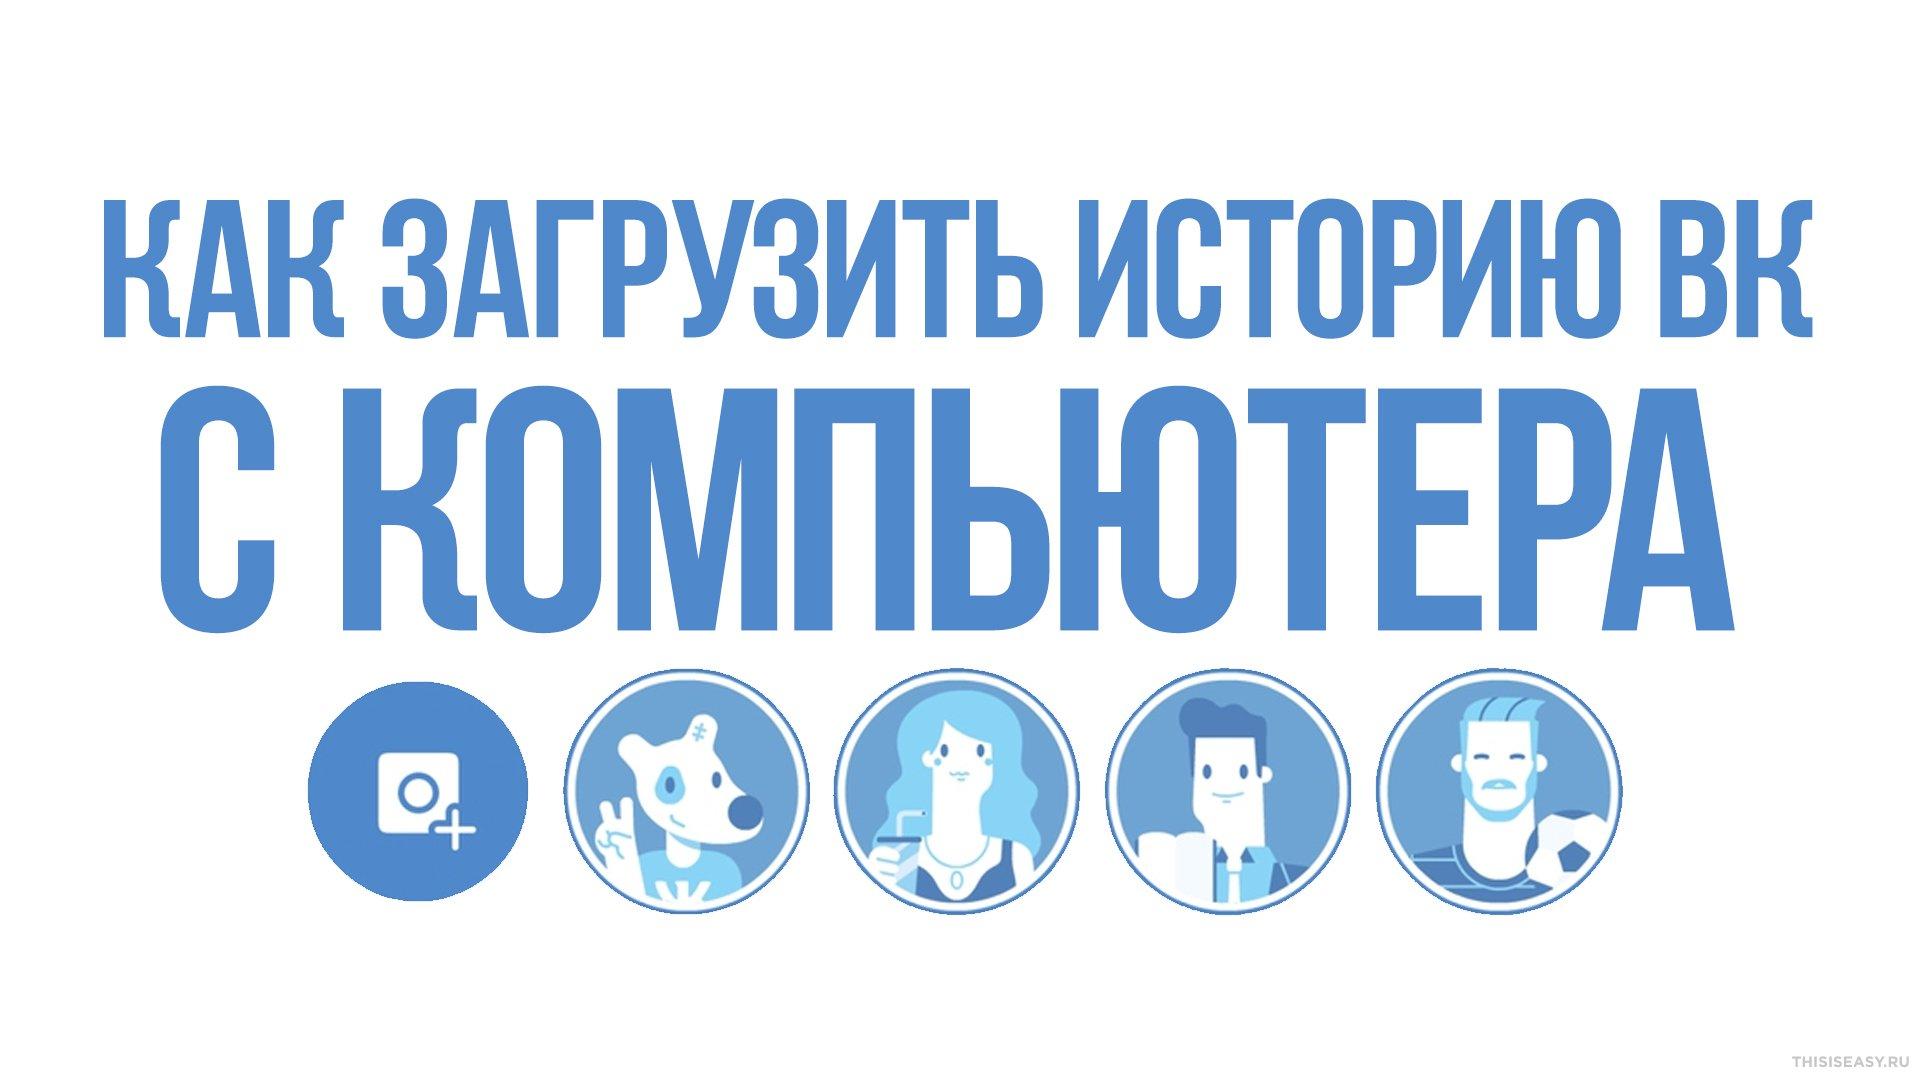 Иллюстрация на тему Истории в ВК: создание, настройка, управление, добавление